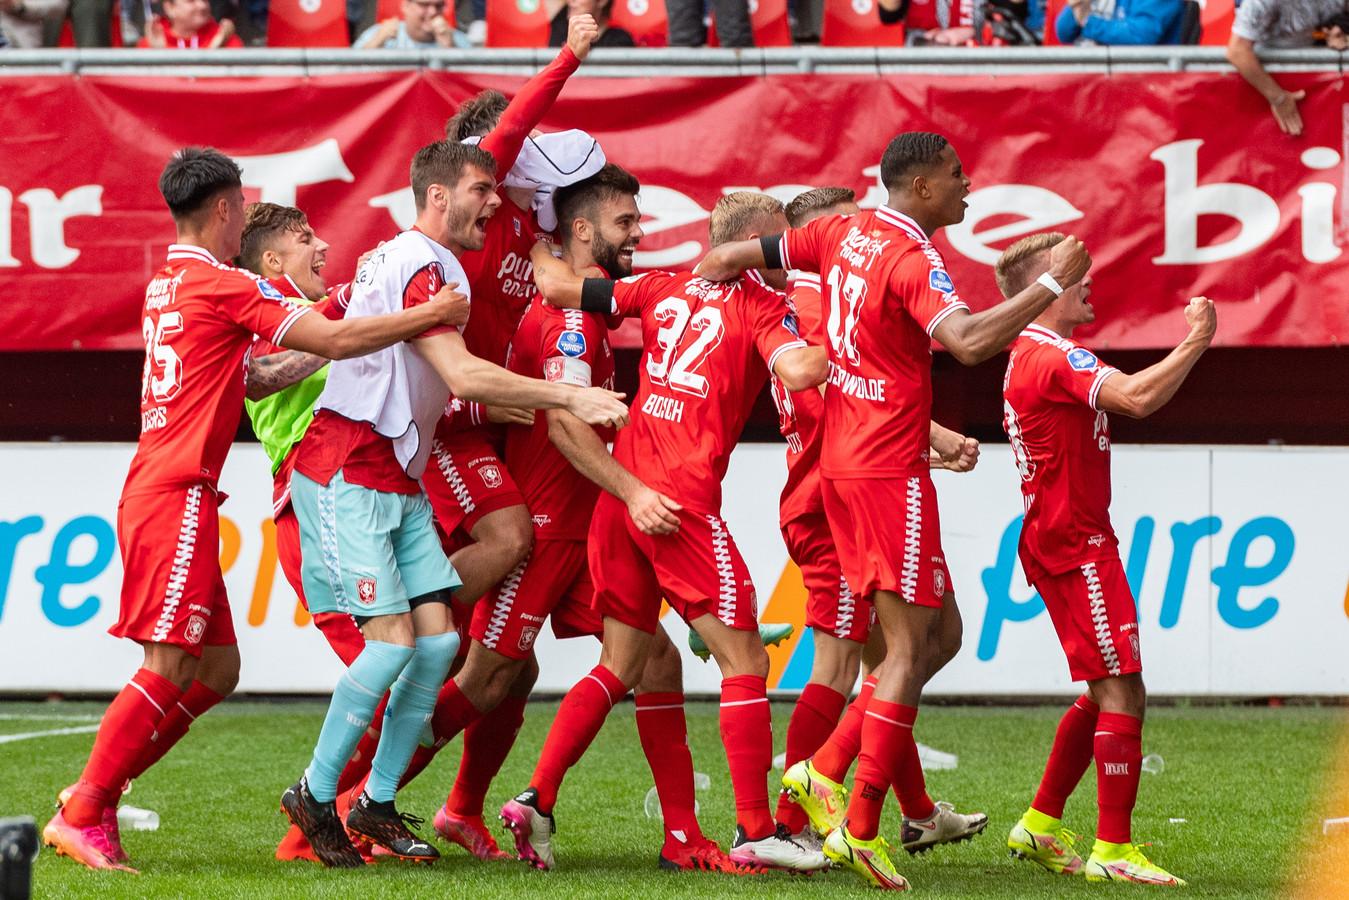 Dolle vreugde bij FC Twente nadat Pröpper met zijn verkeerde been de thuisploeg langszij schoot tegen Ajax.